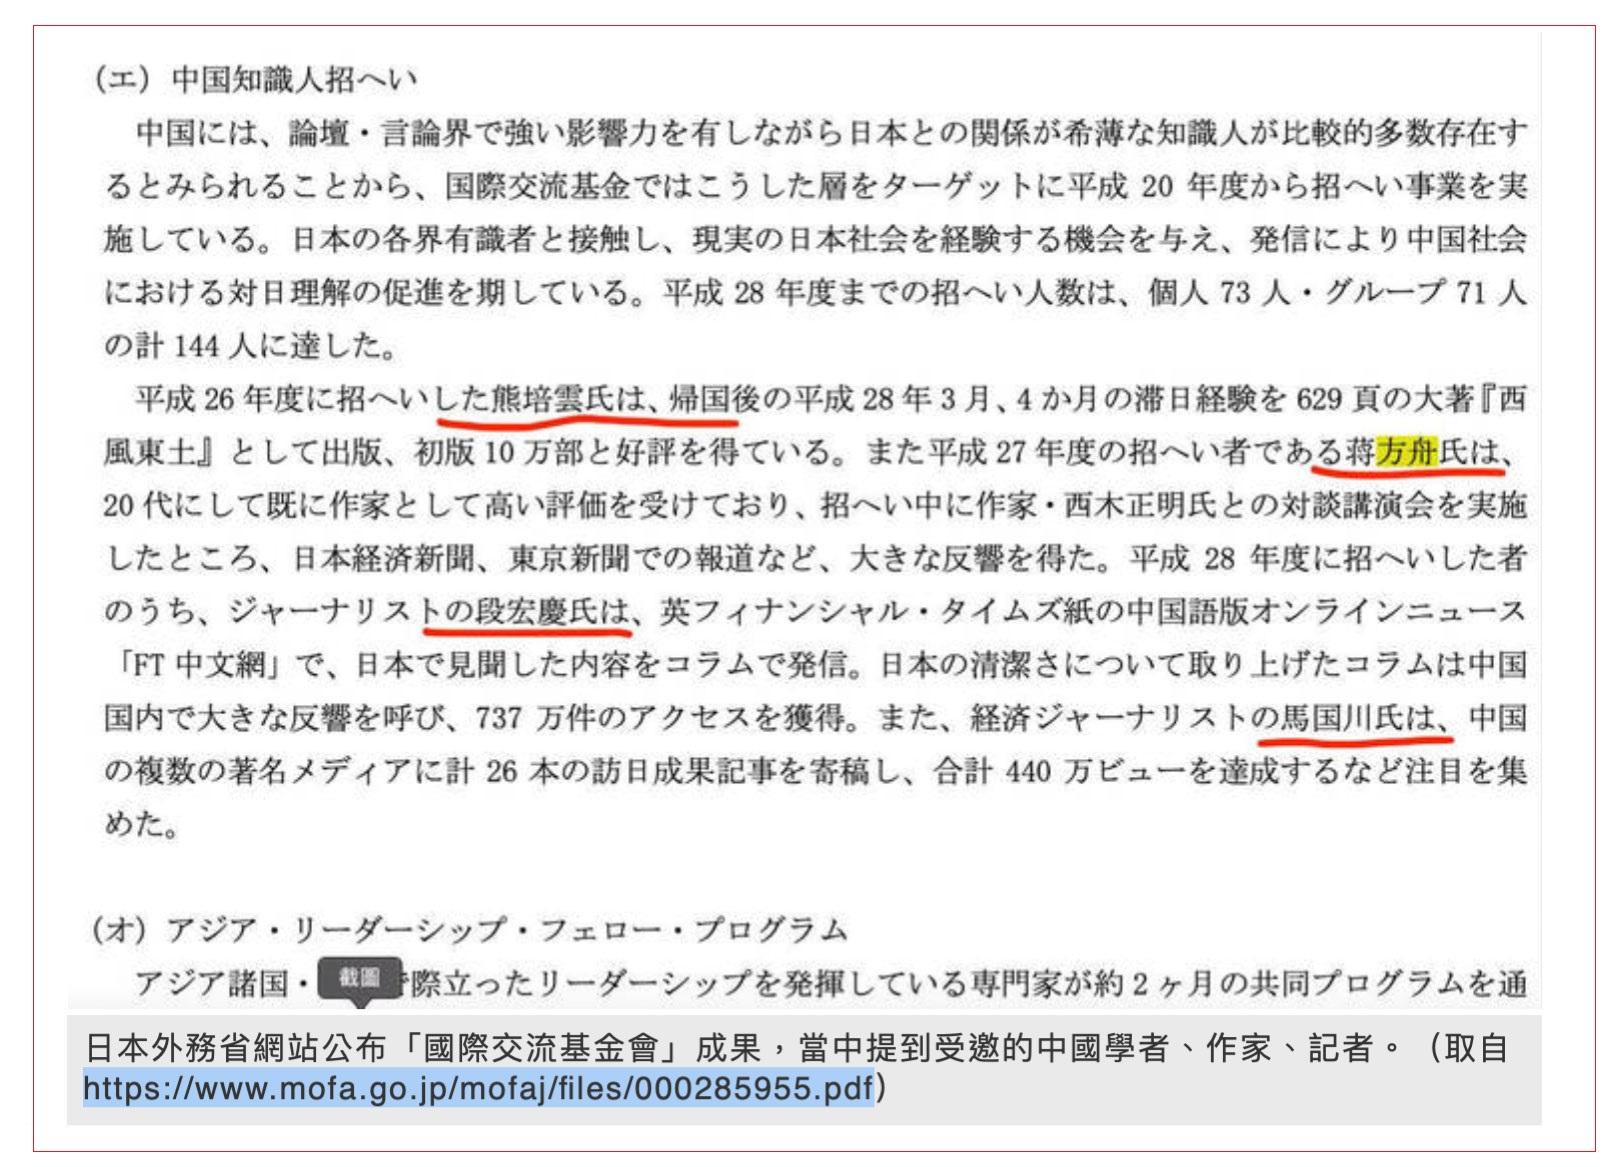 日本外务省最近公布,截至2019年为止共有196名中国知识分子接受日方赞助赴日,包括中国政法大学教授何兵、作家蒋方舟、熊培云、记者段洪庆等名人。(翻摄自自由时报)